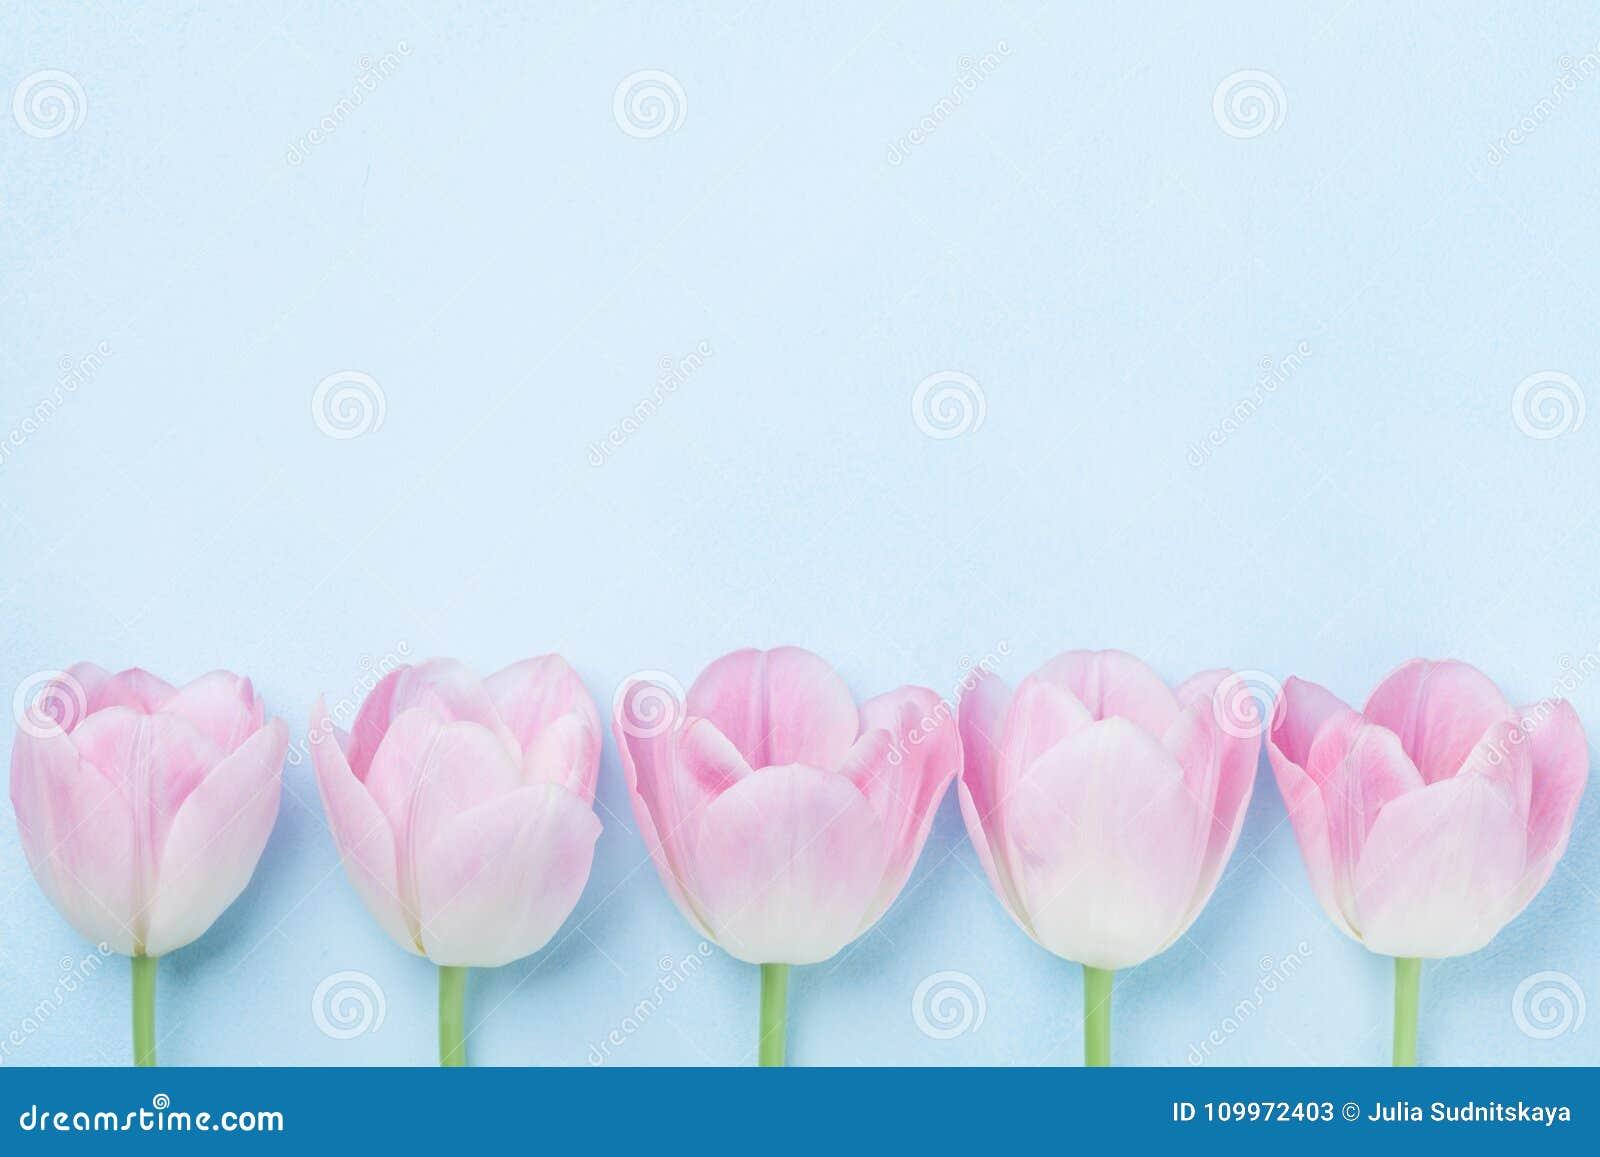 Розовый цветок тюльпанов на голубом взгляд сверху предпосылки Пастельные цвета моды плоский стиль положения Карточка дня женщины